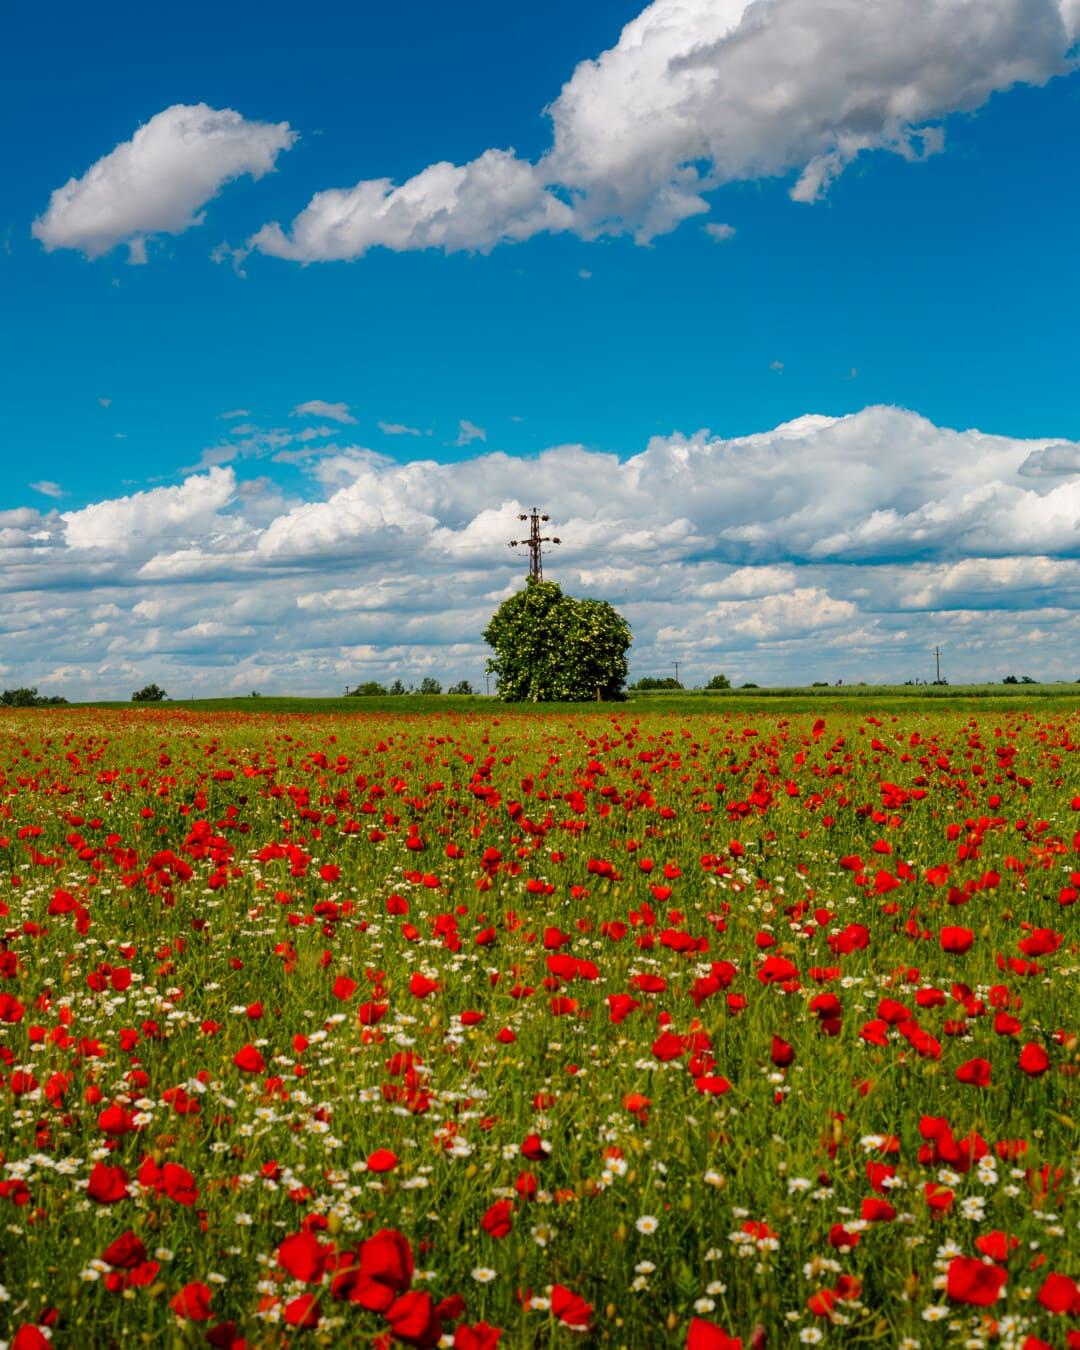 Мак, опійний Мак, дика квітка, квіти, величний, квітка, весна, краєвид, луговий, поле